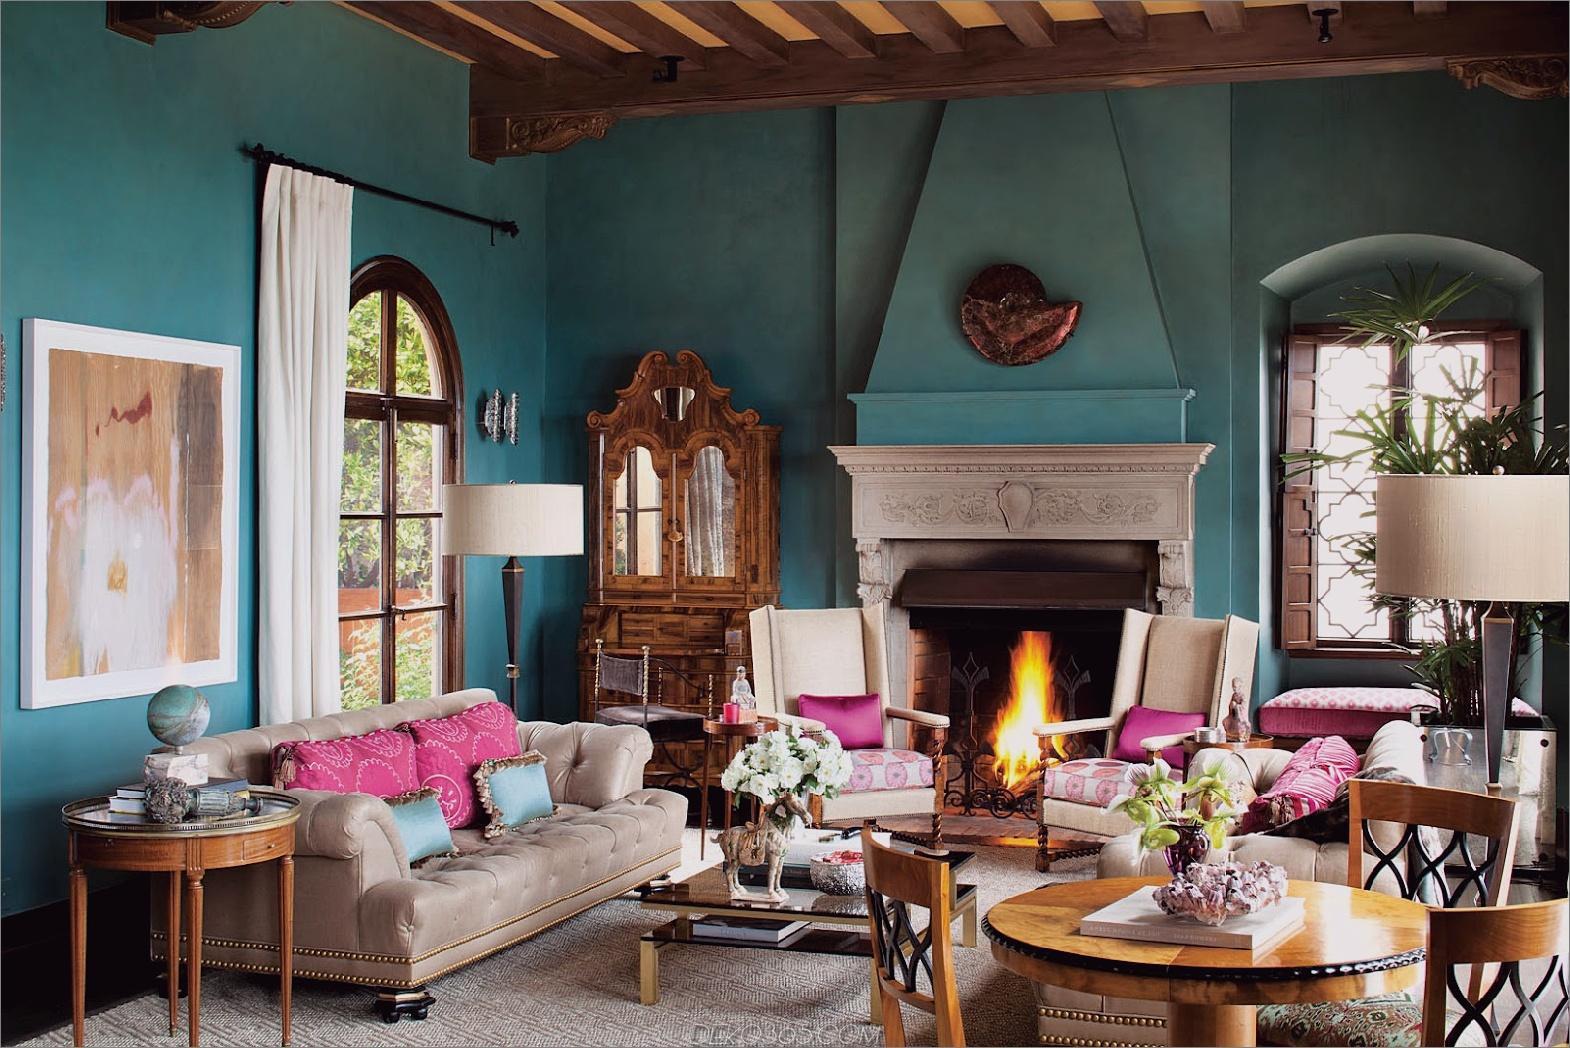 farbenfrohes Wohnzimmer 12 Mühelose Möglichkeiten, Ihr Zuhause perfekt zu machen